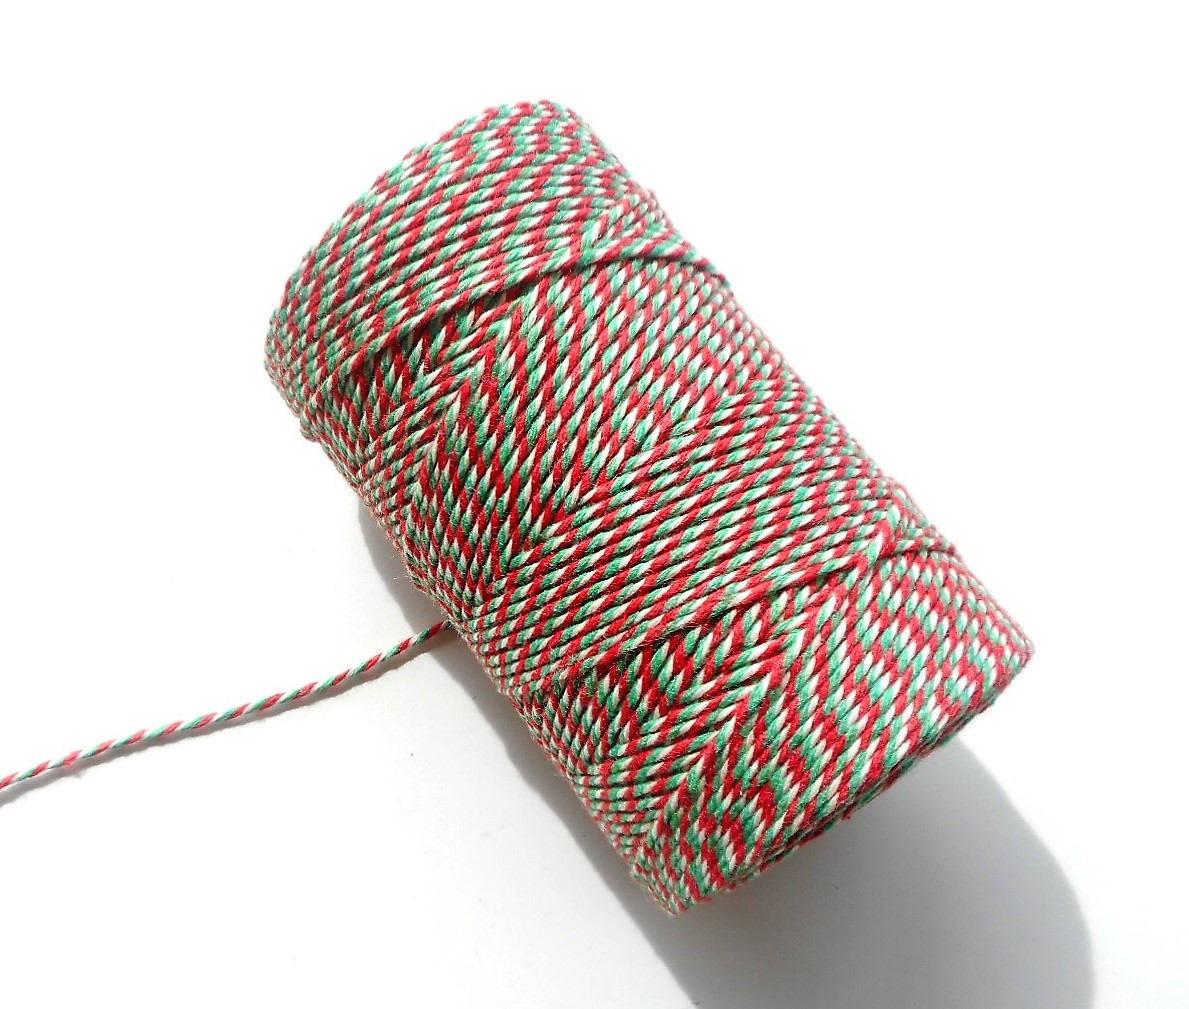 """Coupon de 10 mètres de ficelle """"Baker twine"""", rouge, vert et blanc, 2 mm"""